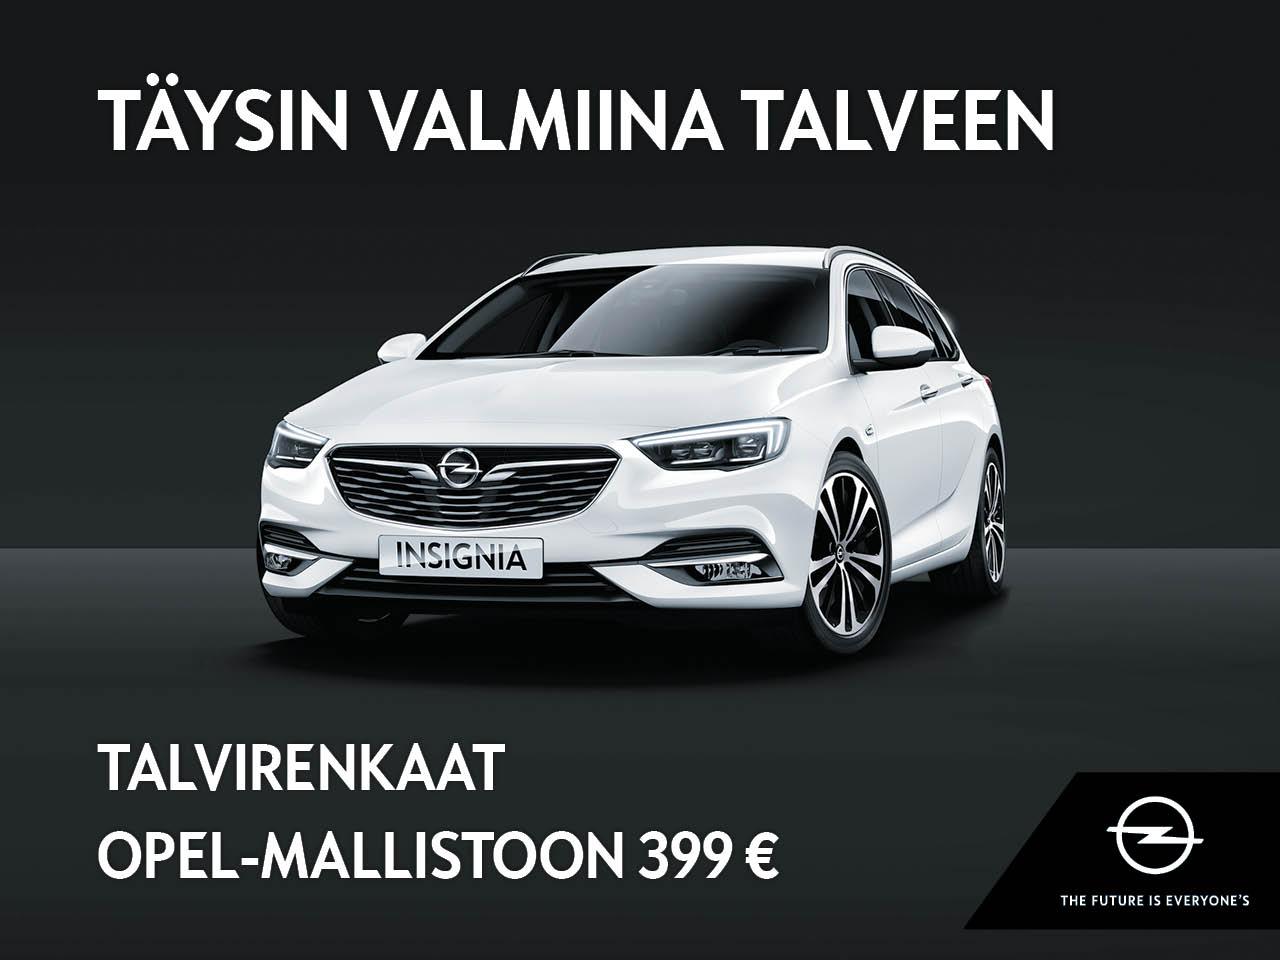 Talvirenkaat koko Opel-mallistoon 399 €